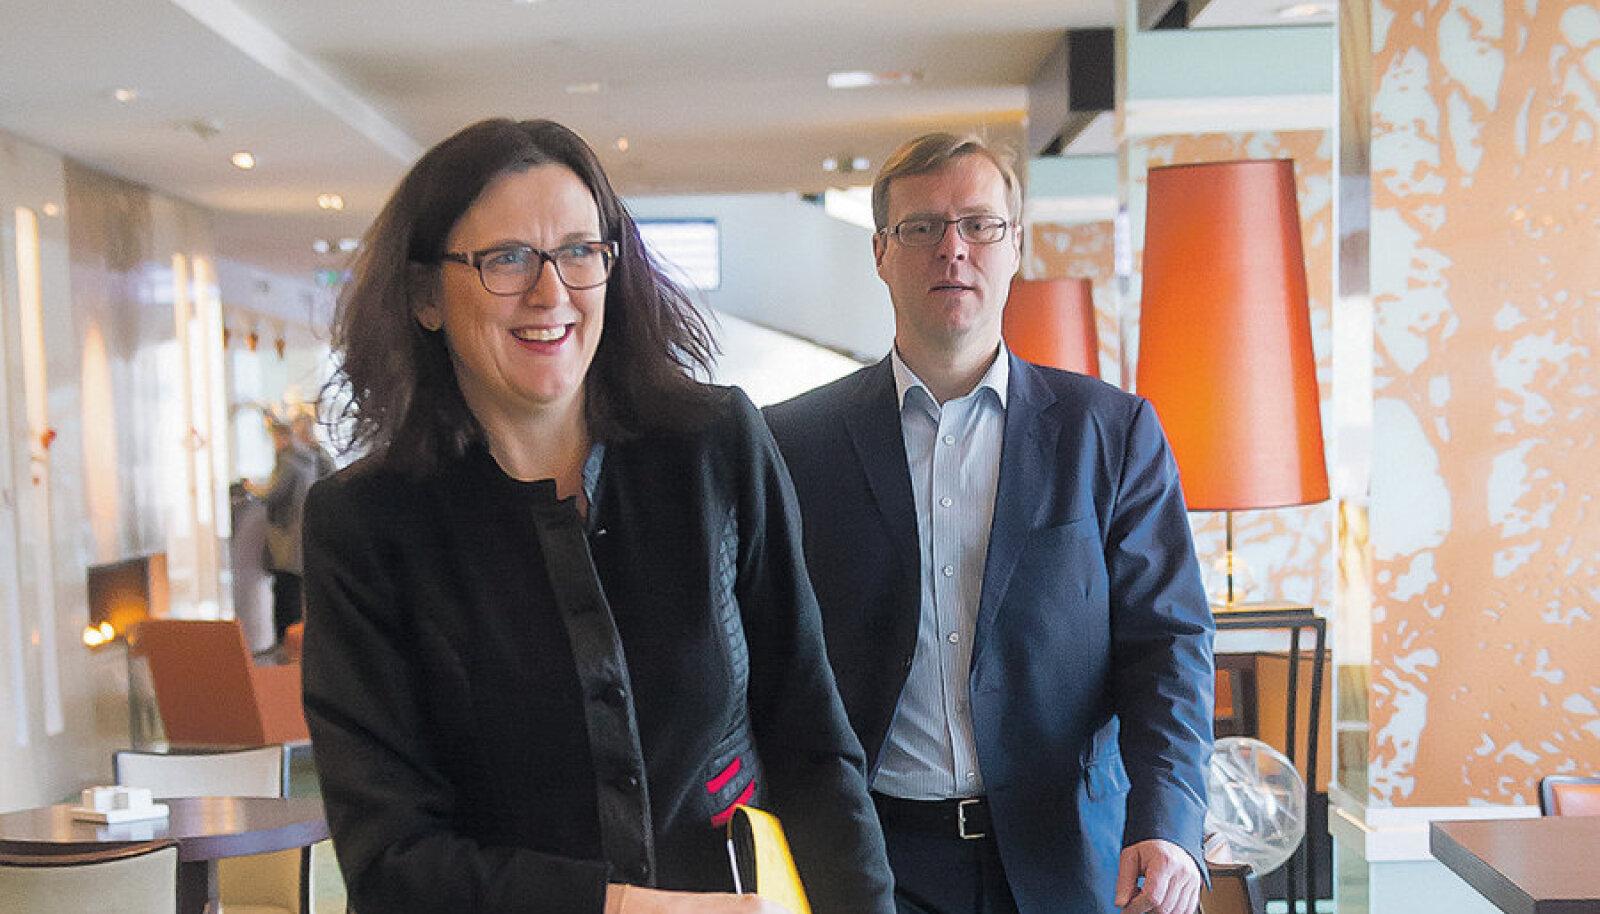 Cecilia Malmstöm ütleb, et ta ei saa sundida riike pagulasi vastu võtma, vaid võib seda üksnes paluda. Tema sõnul peaksid riigid aru saama, et nende inimeste näol on tegemist varaga. Volinikku saadab pildil Euroopa Komisjoni Eesti esinduse juht Hannes Rumm.